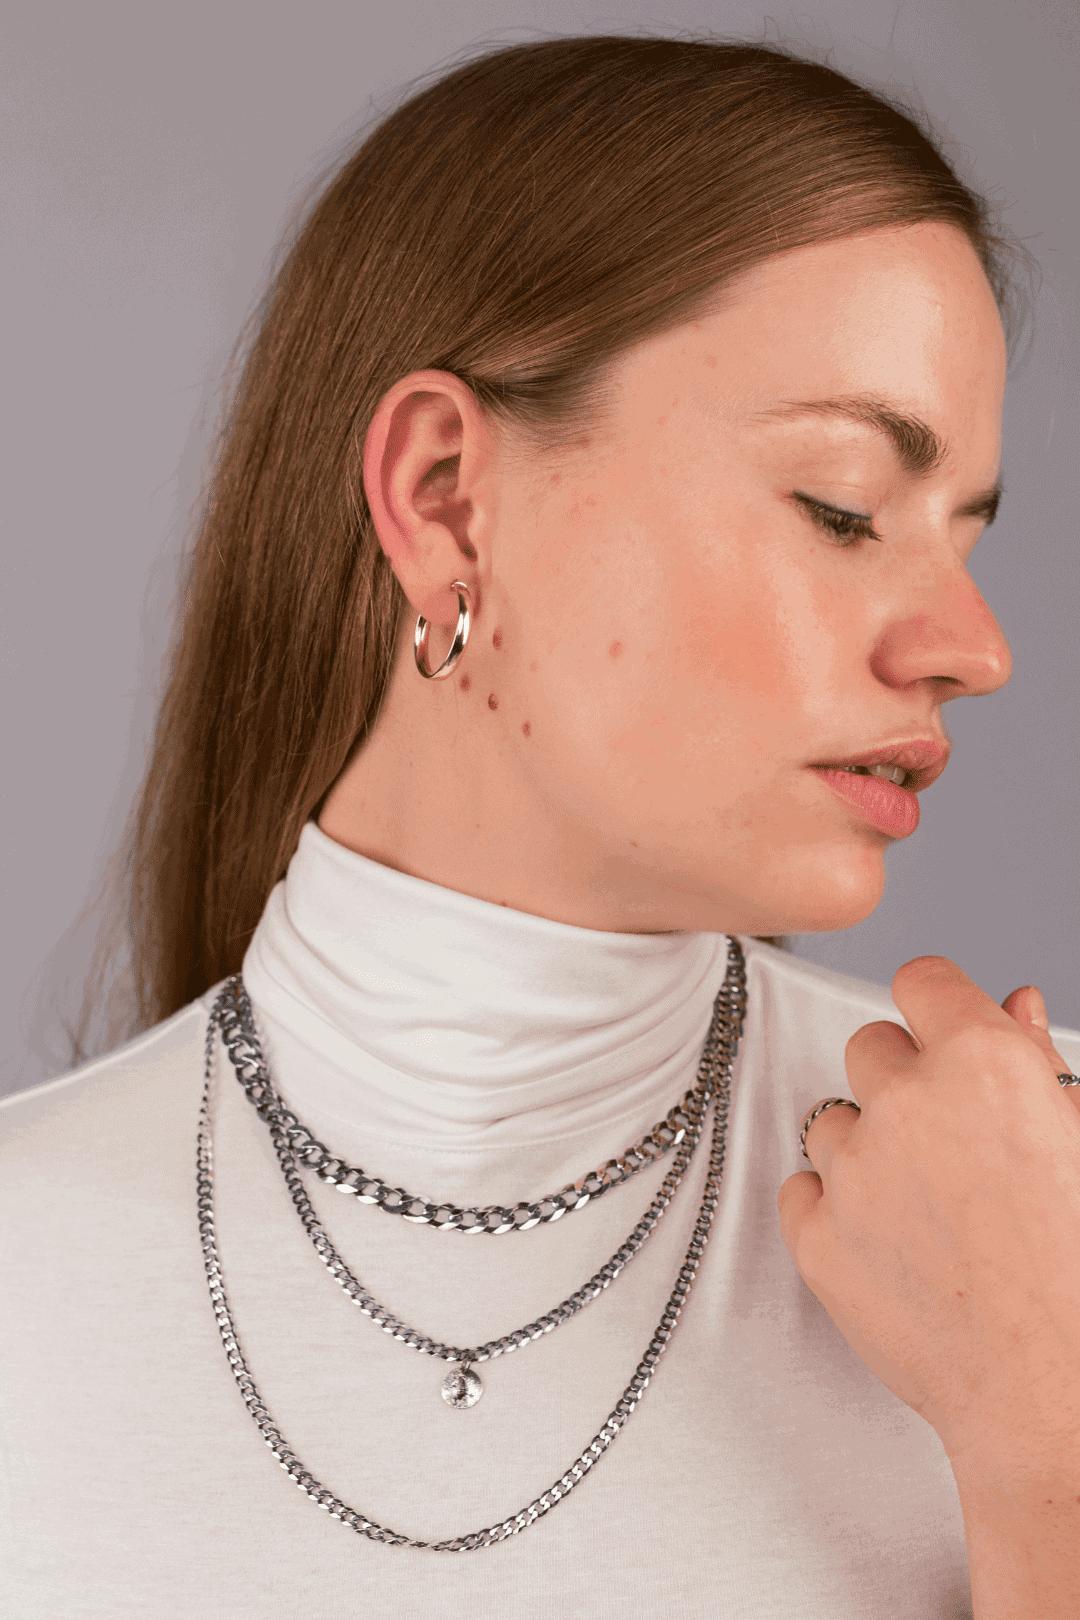 Modelka prezentuje zestaw masywnych, srebrnych naszyjników.